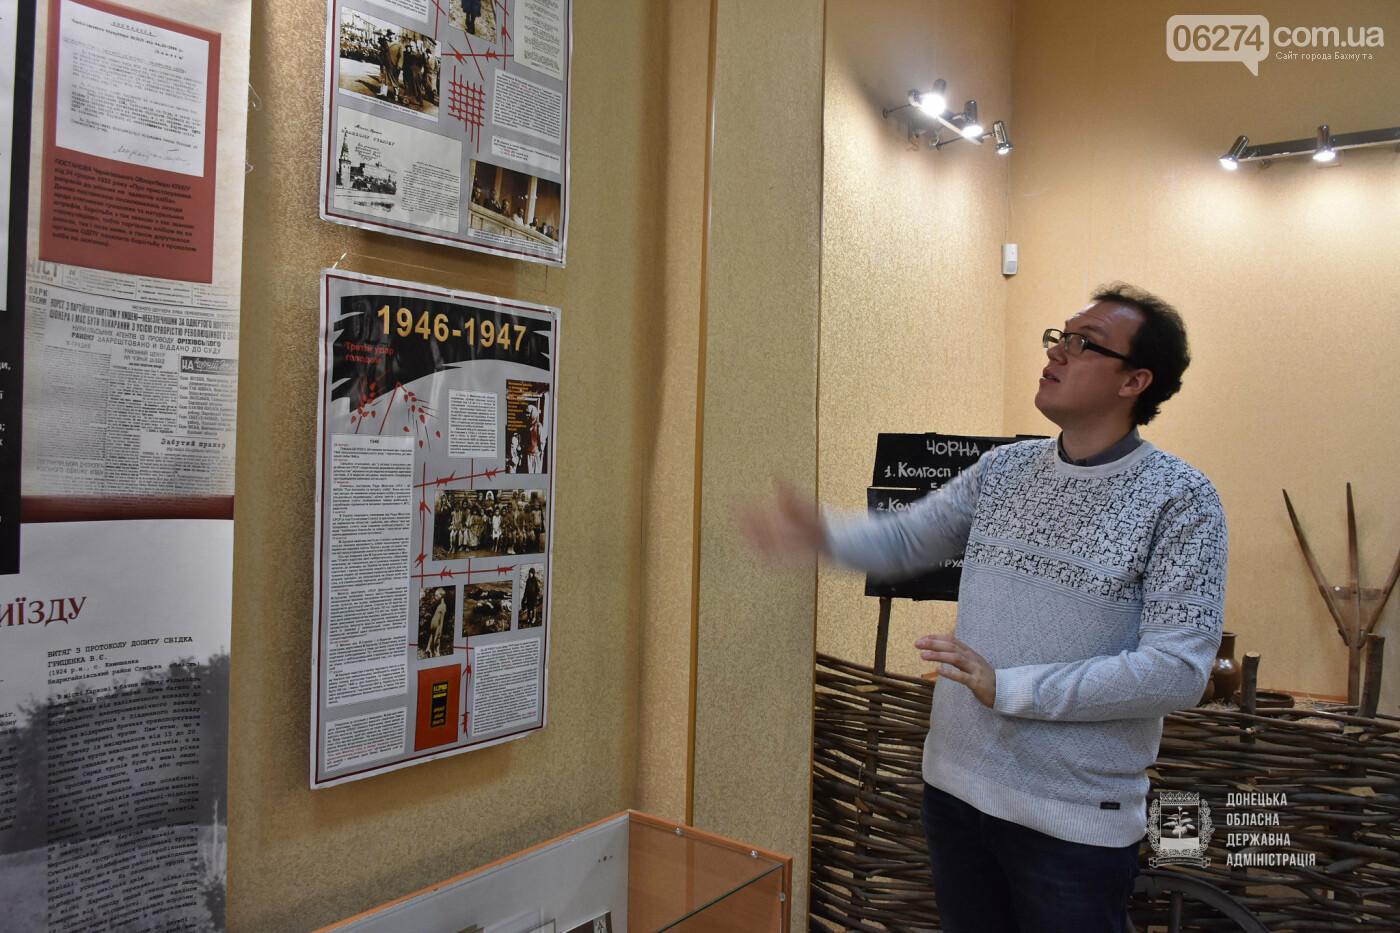 В Бахмуте открылась онлайн-выставка памяти жертв Голодомора и Большого террора, фото-10